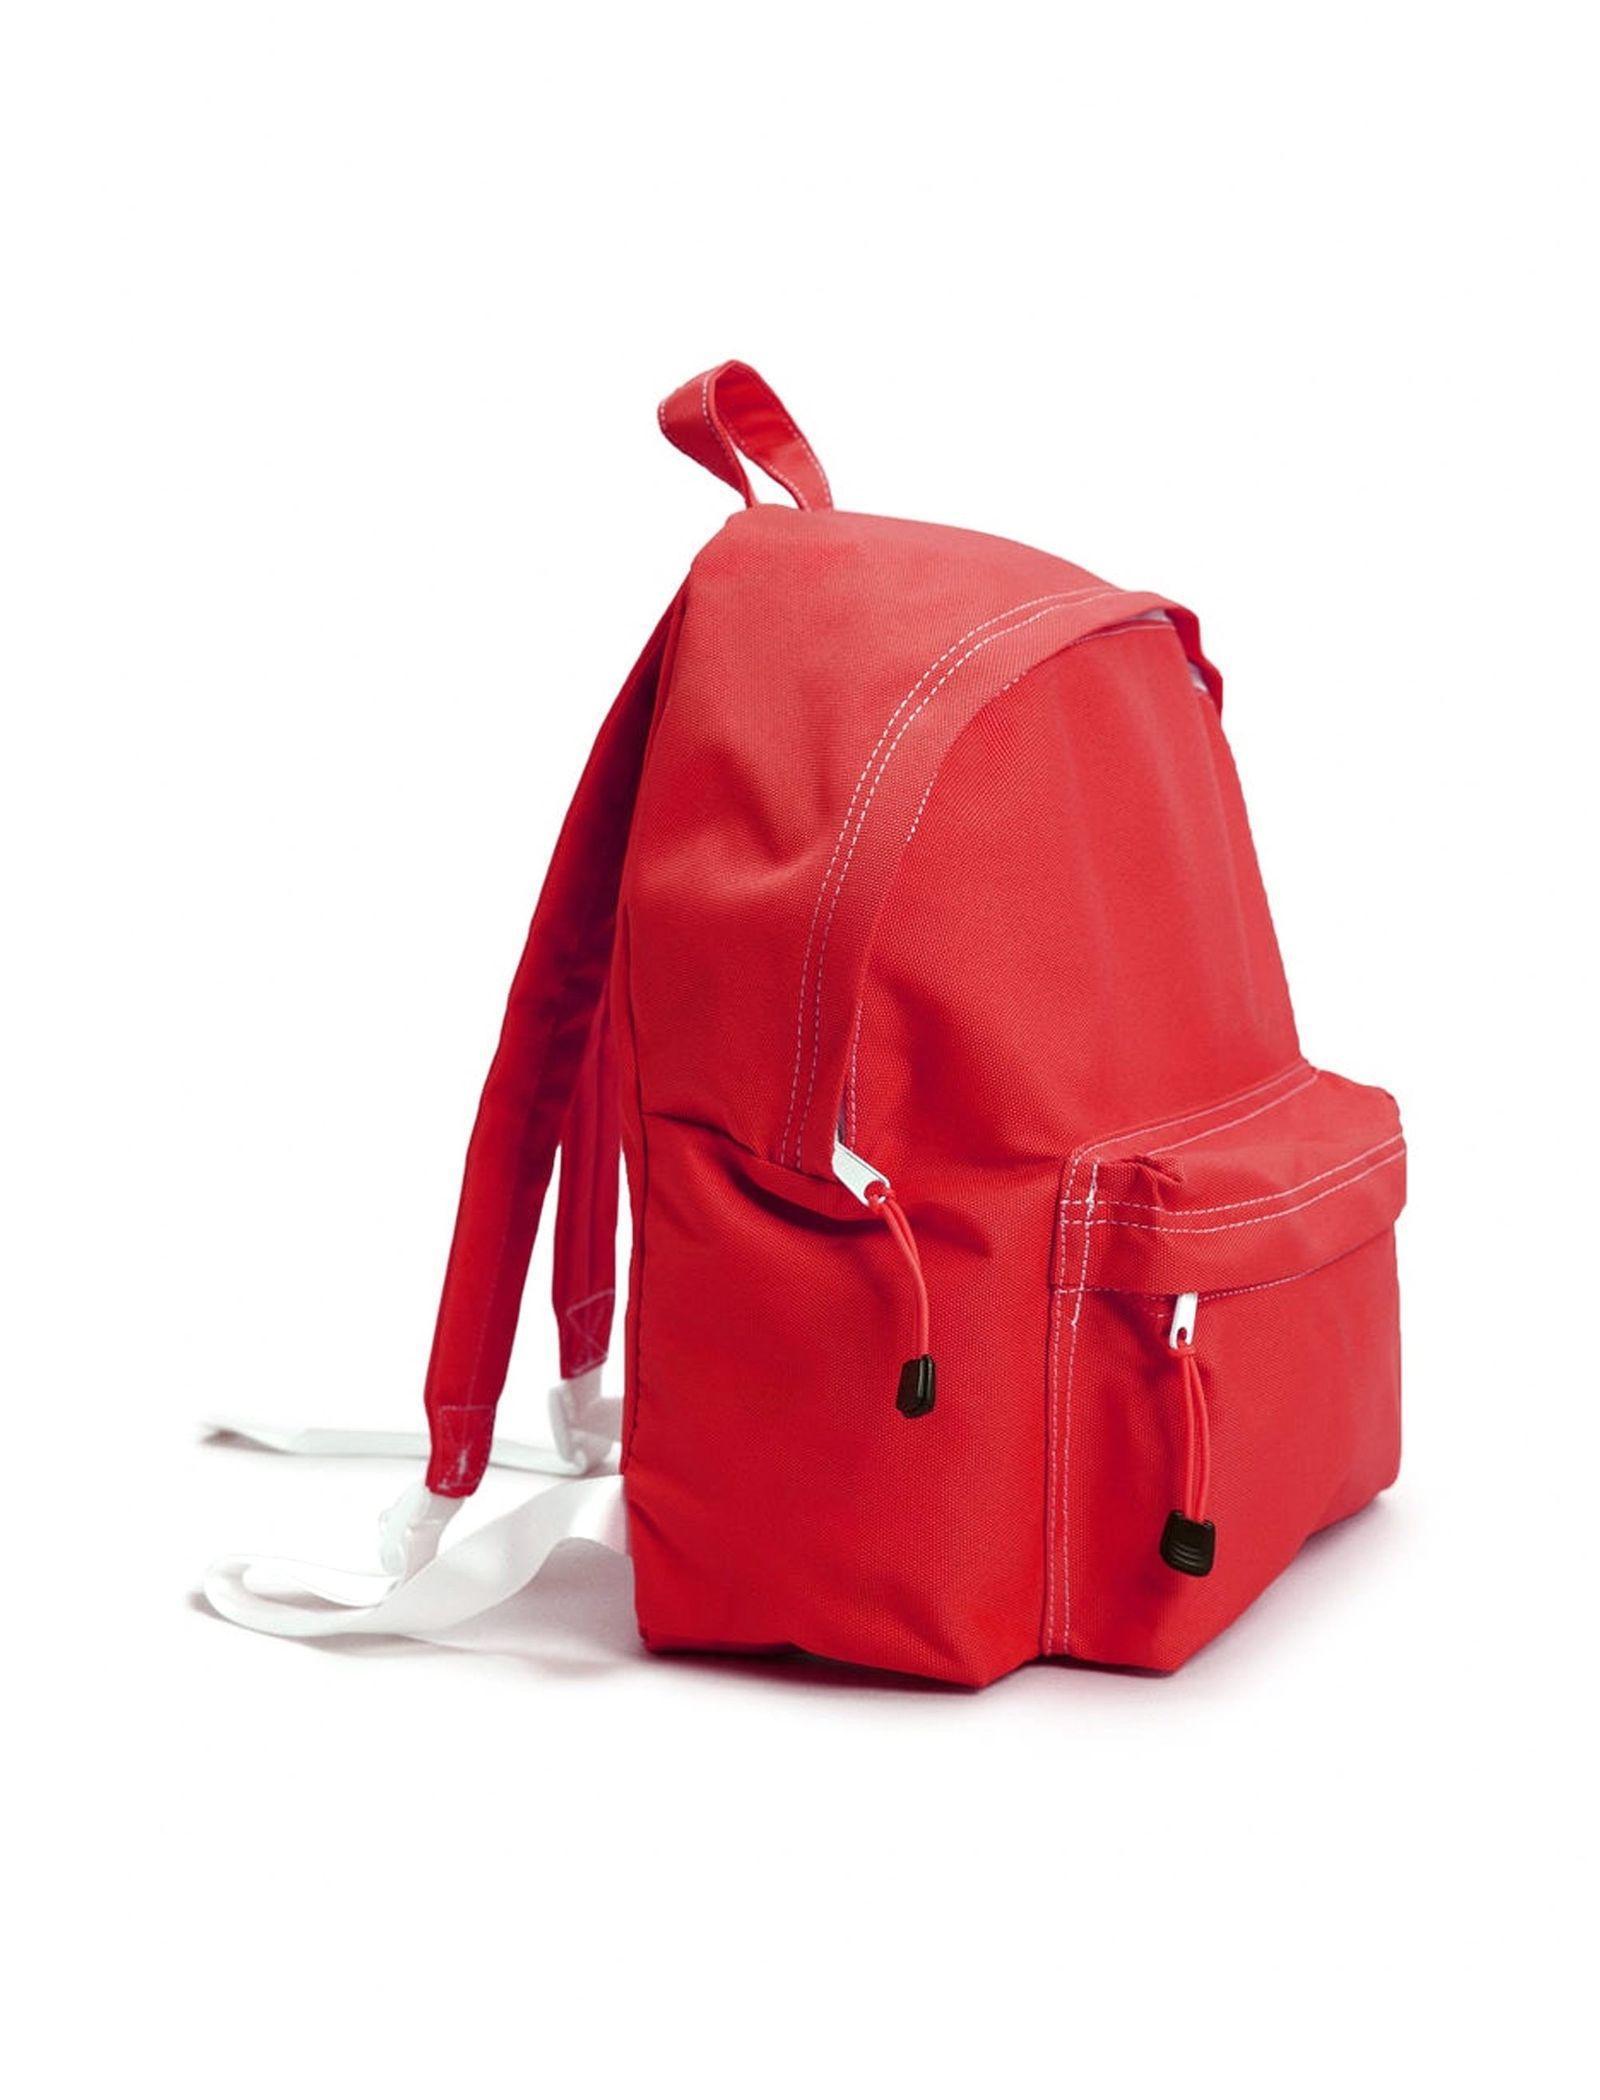 کوله پشتی روزمره مردانه - مانگو - قرمز - 2